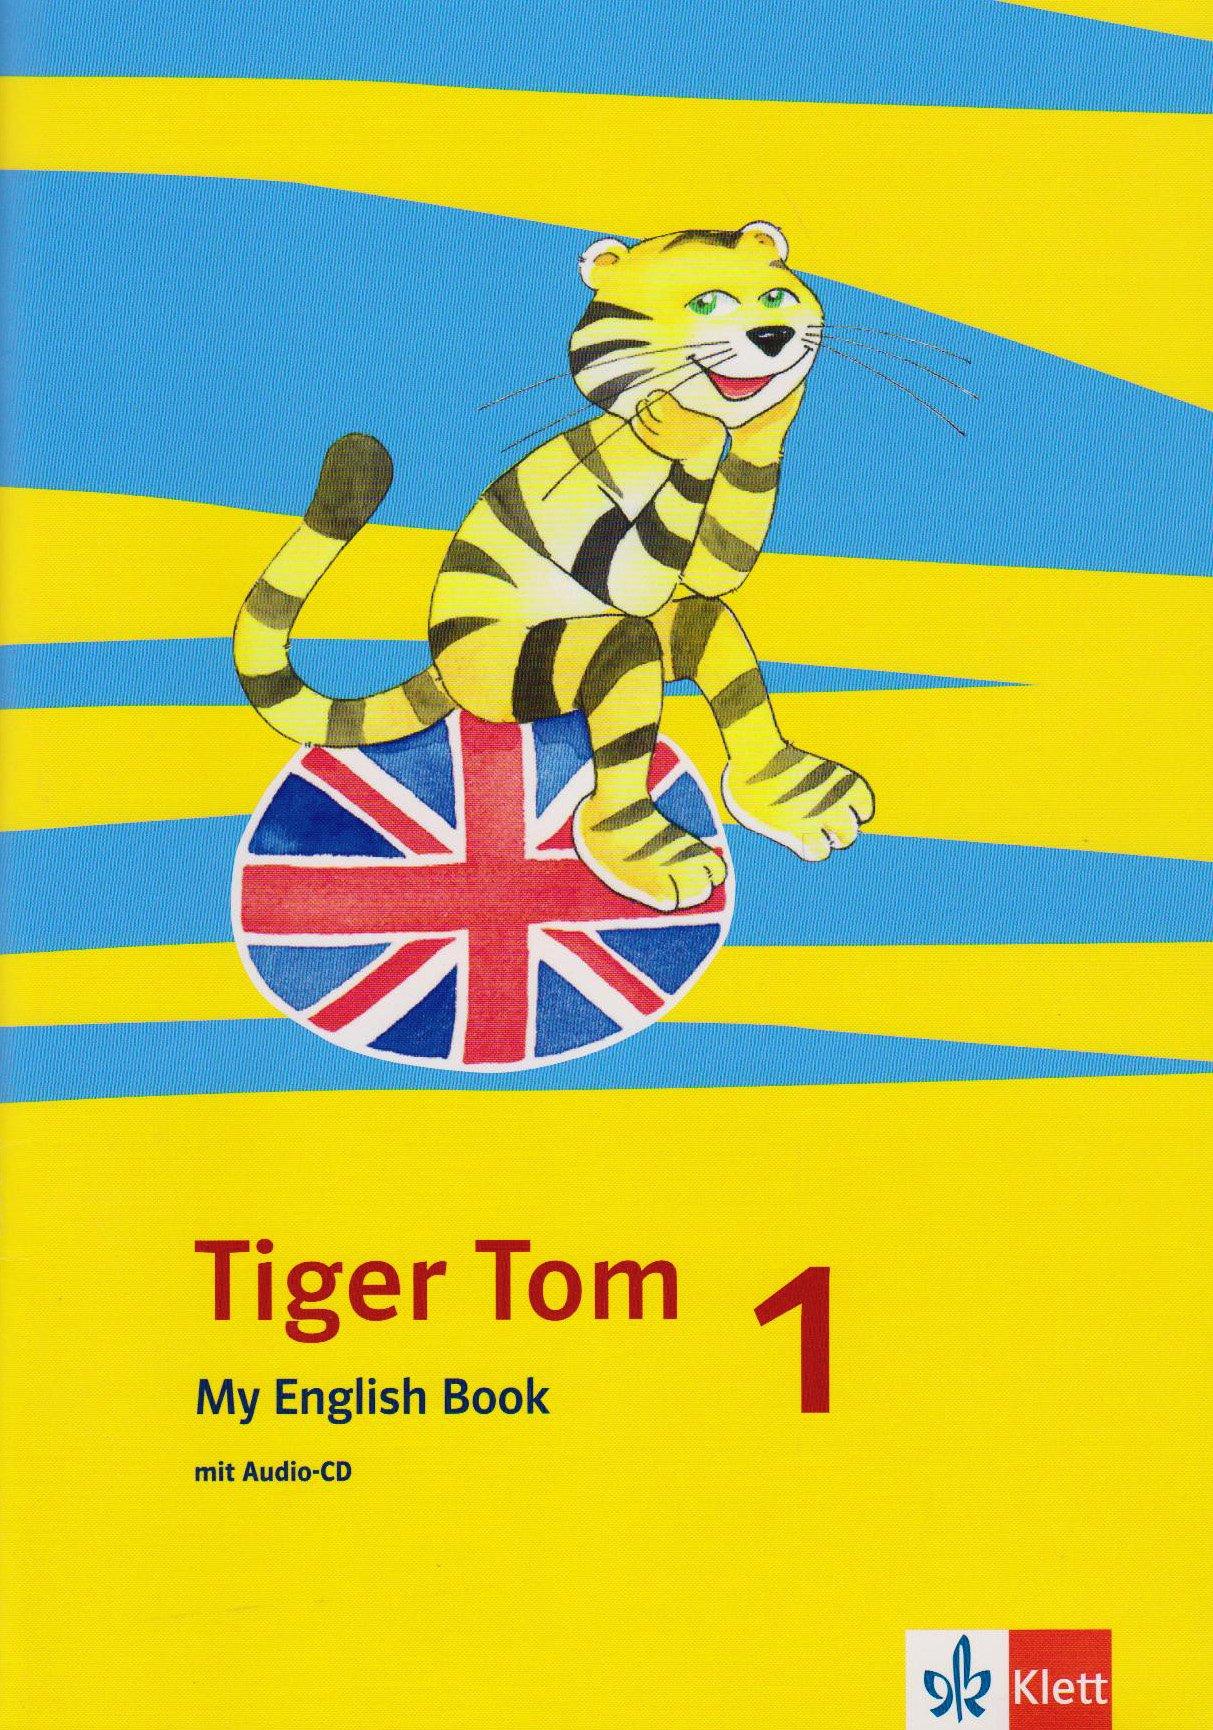 Tiger Tom / Für den Beginn ab Klasse 1. Ausgabe für Hamburg und Nordrhein-Westfalen: Tiger Tom / 1. Schuljahr: Für den Beginn ab Klasse 1. Ausgabe für ... / My English Book mit Audio-CD